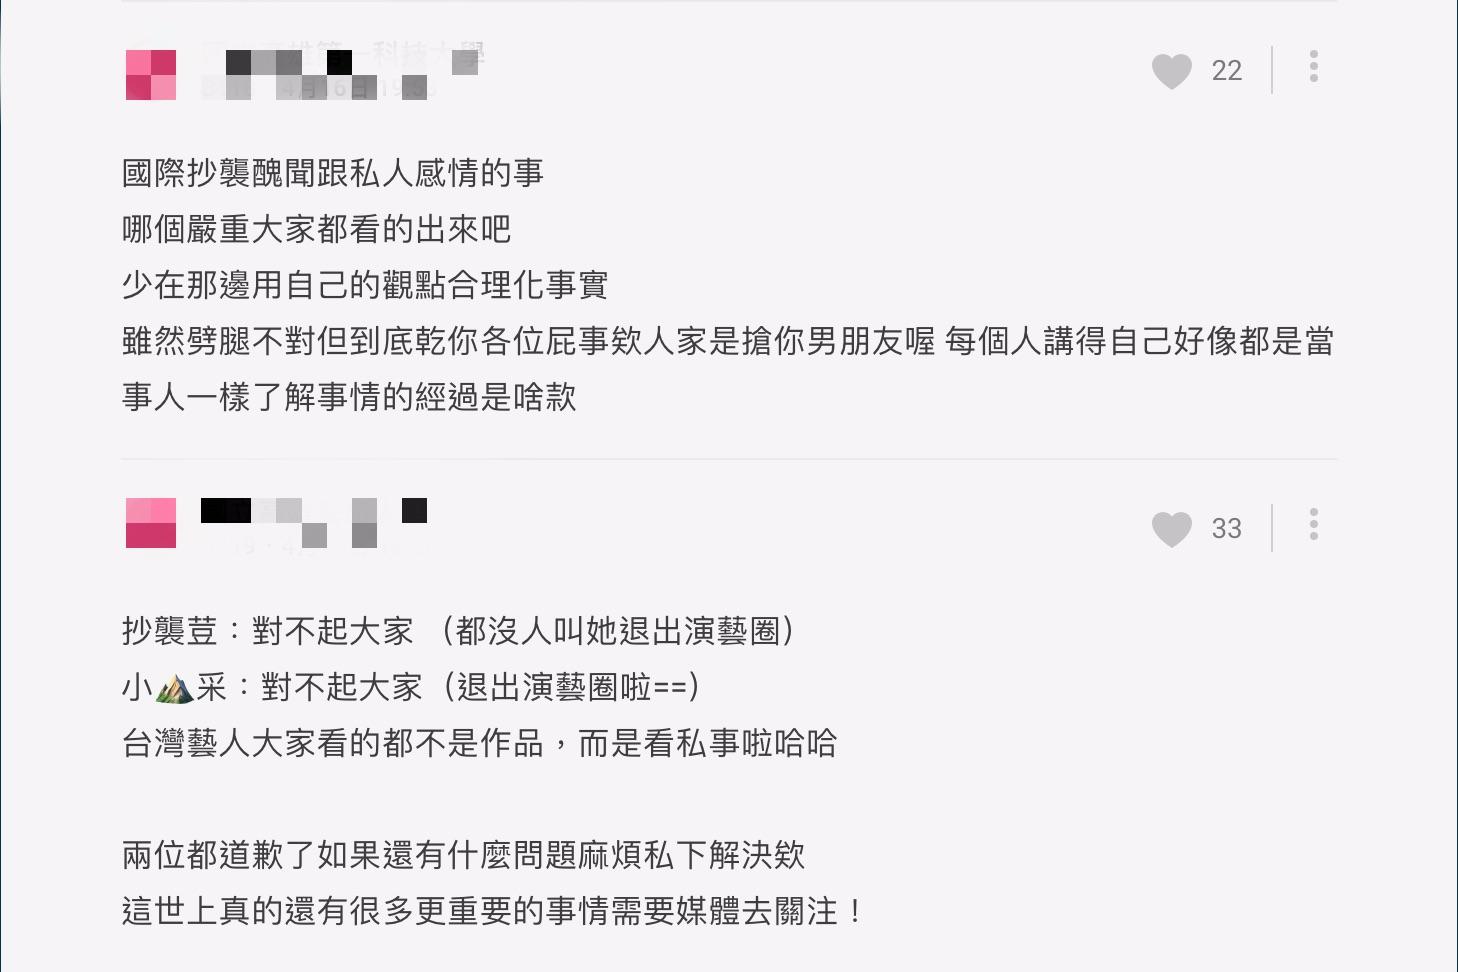 黑歷史全翻出!荳荳遭批「公私不分、濫用影響力」 網逆風發文:意圖毀了采子、何孟遠?